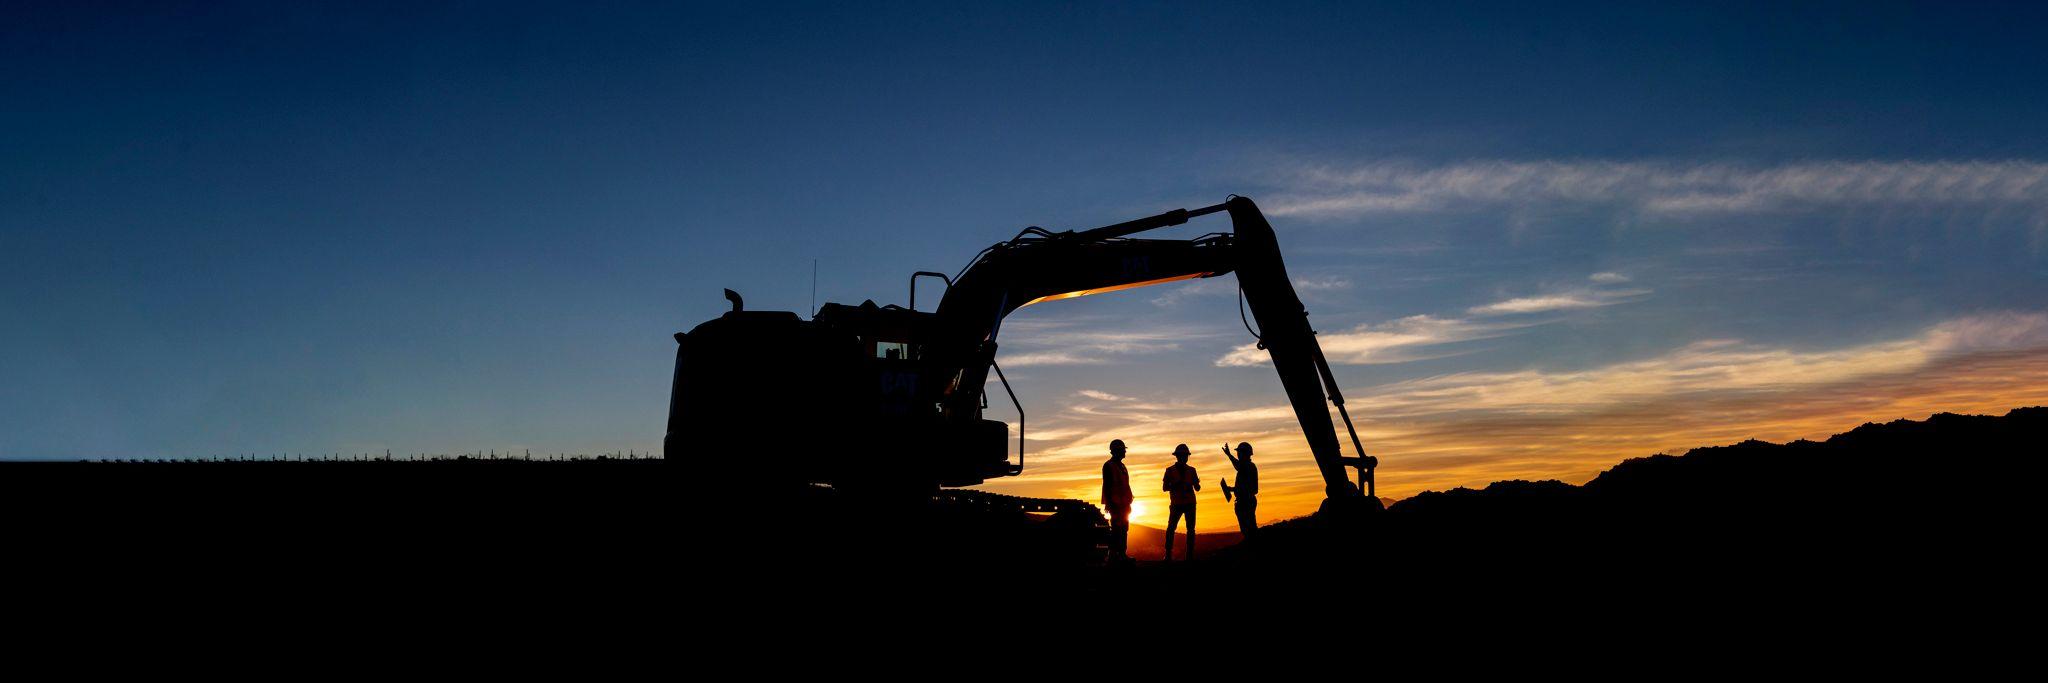 Excavator at sunrise